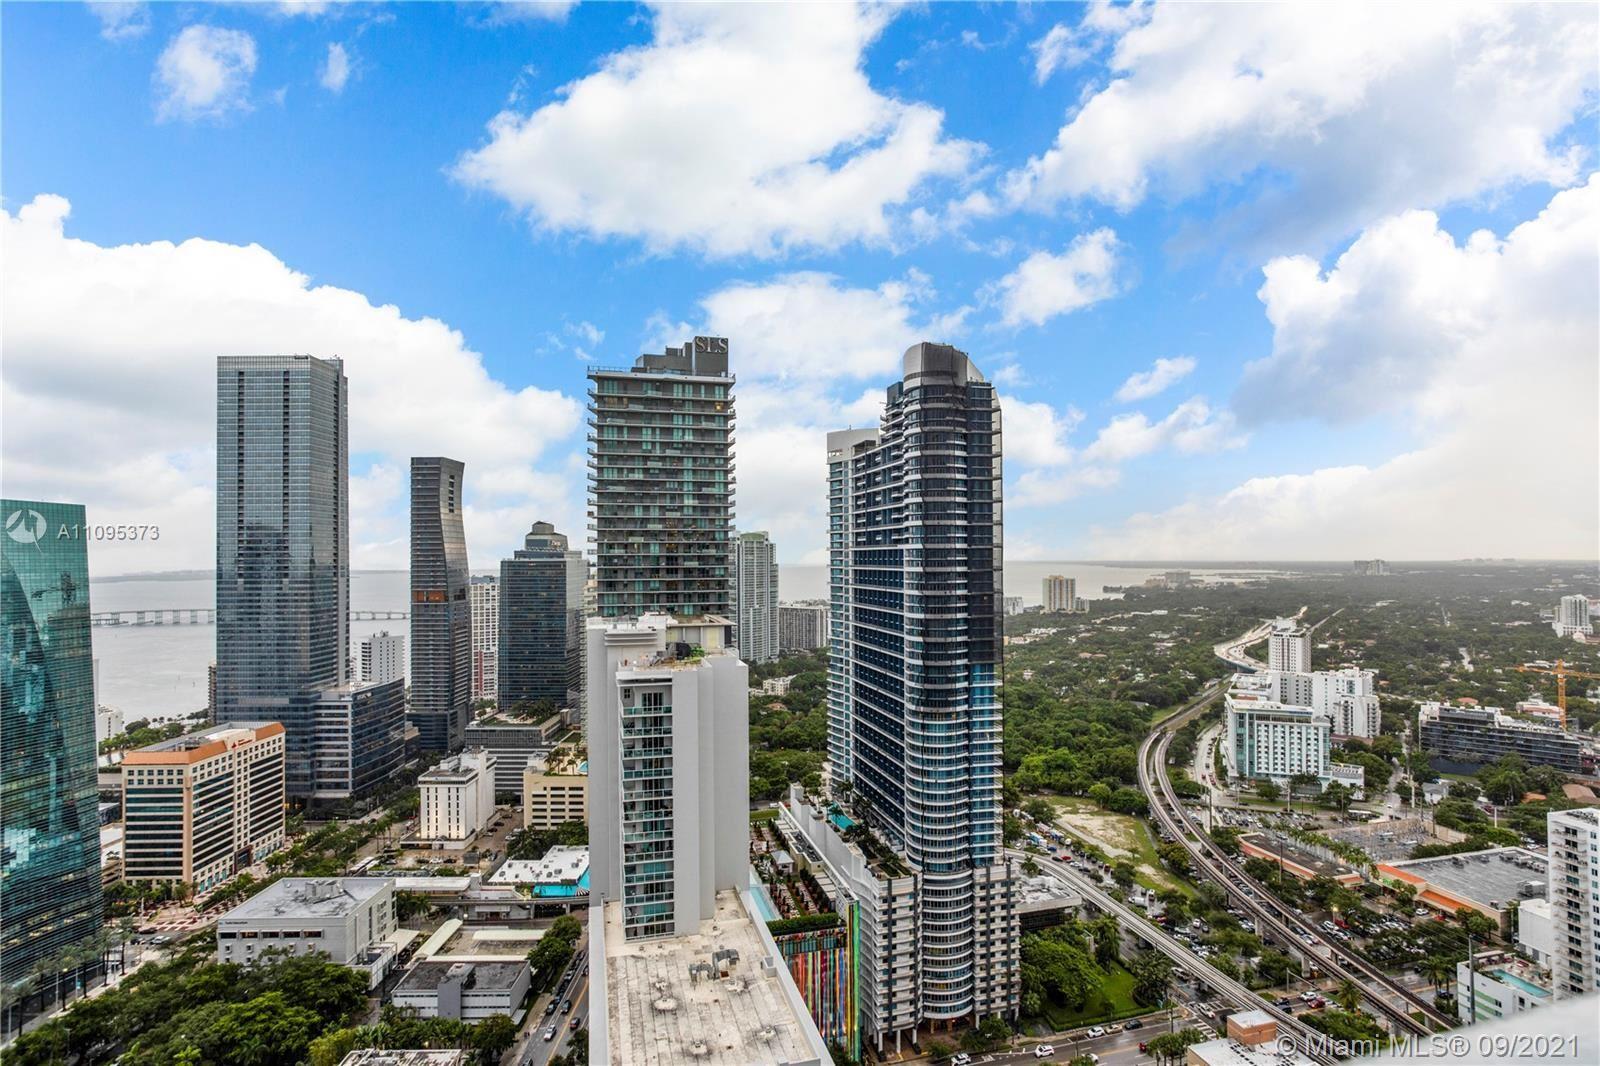 1100 S Miami Ave #4202, Miami, FL 33130 - #: A11095373